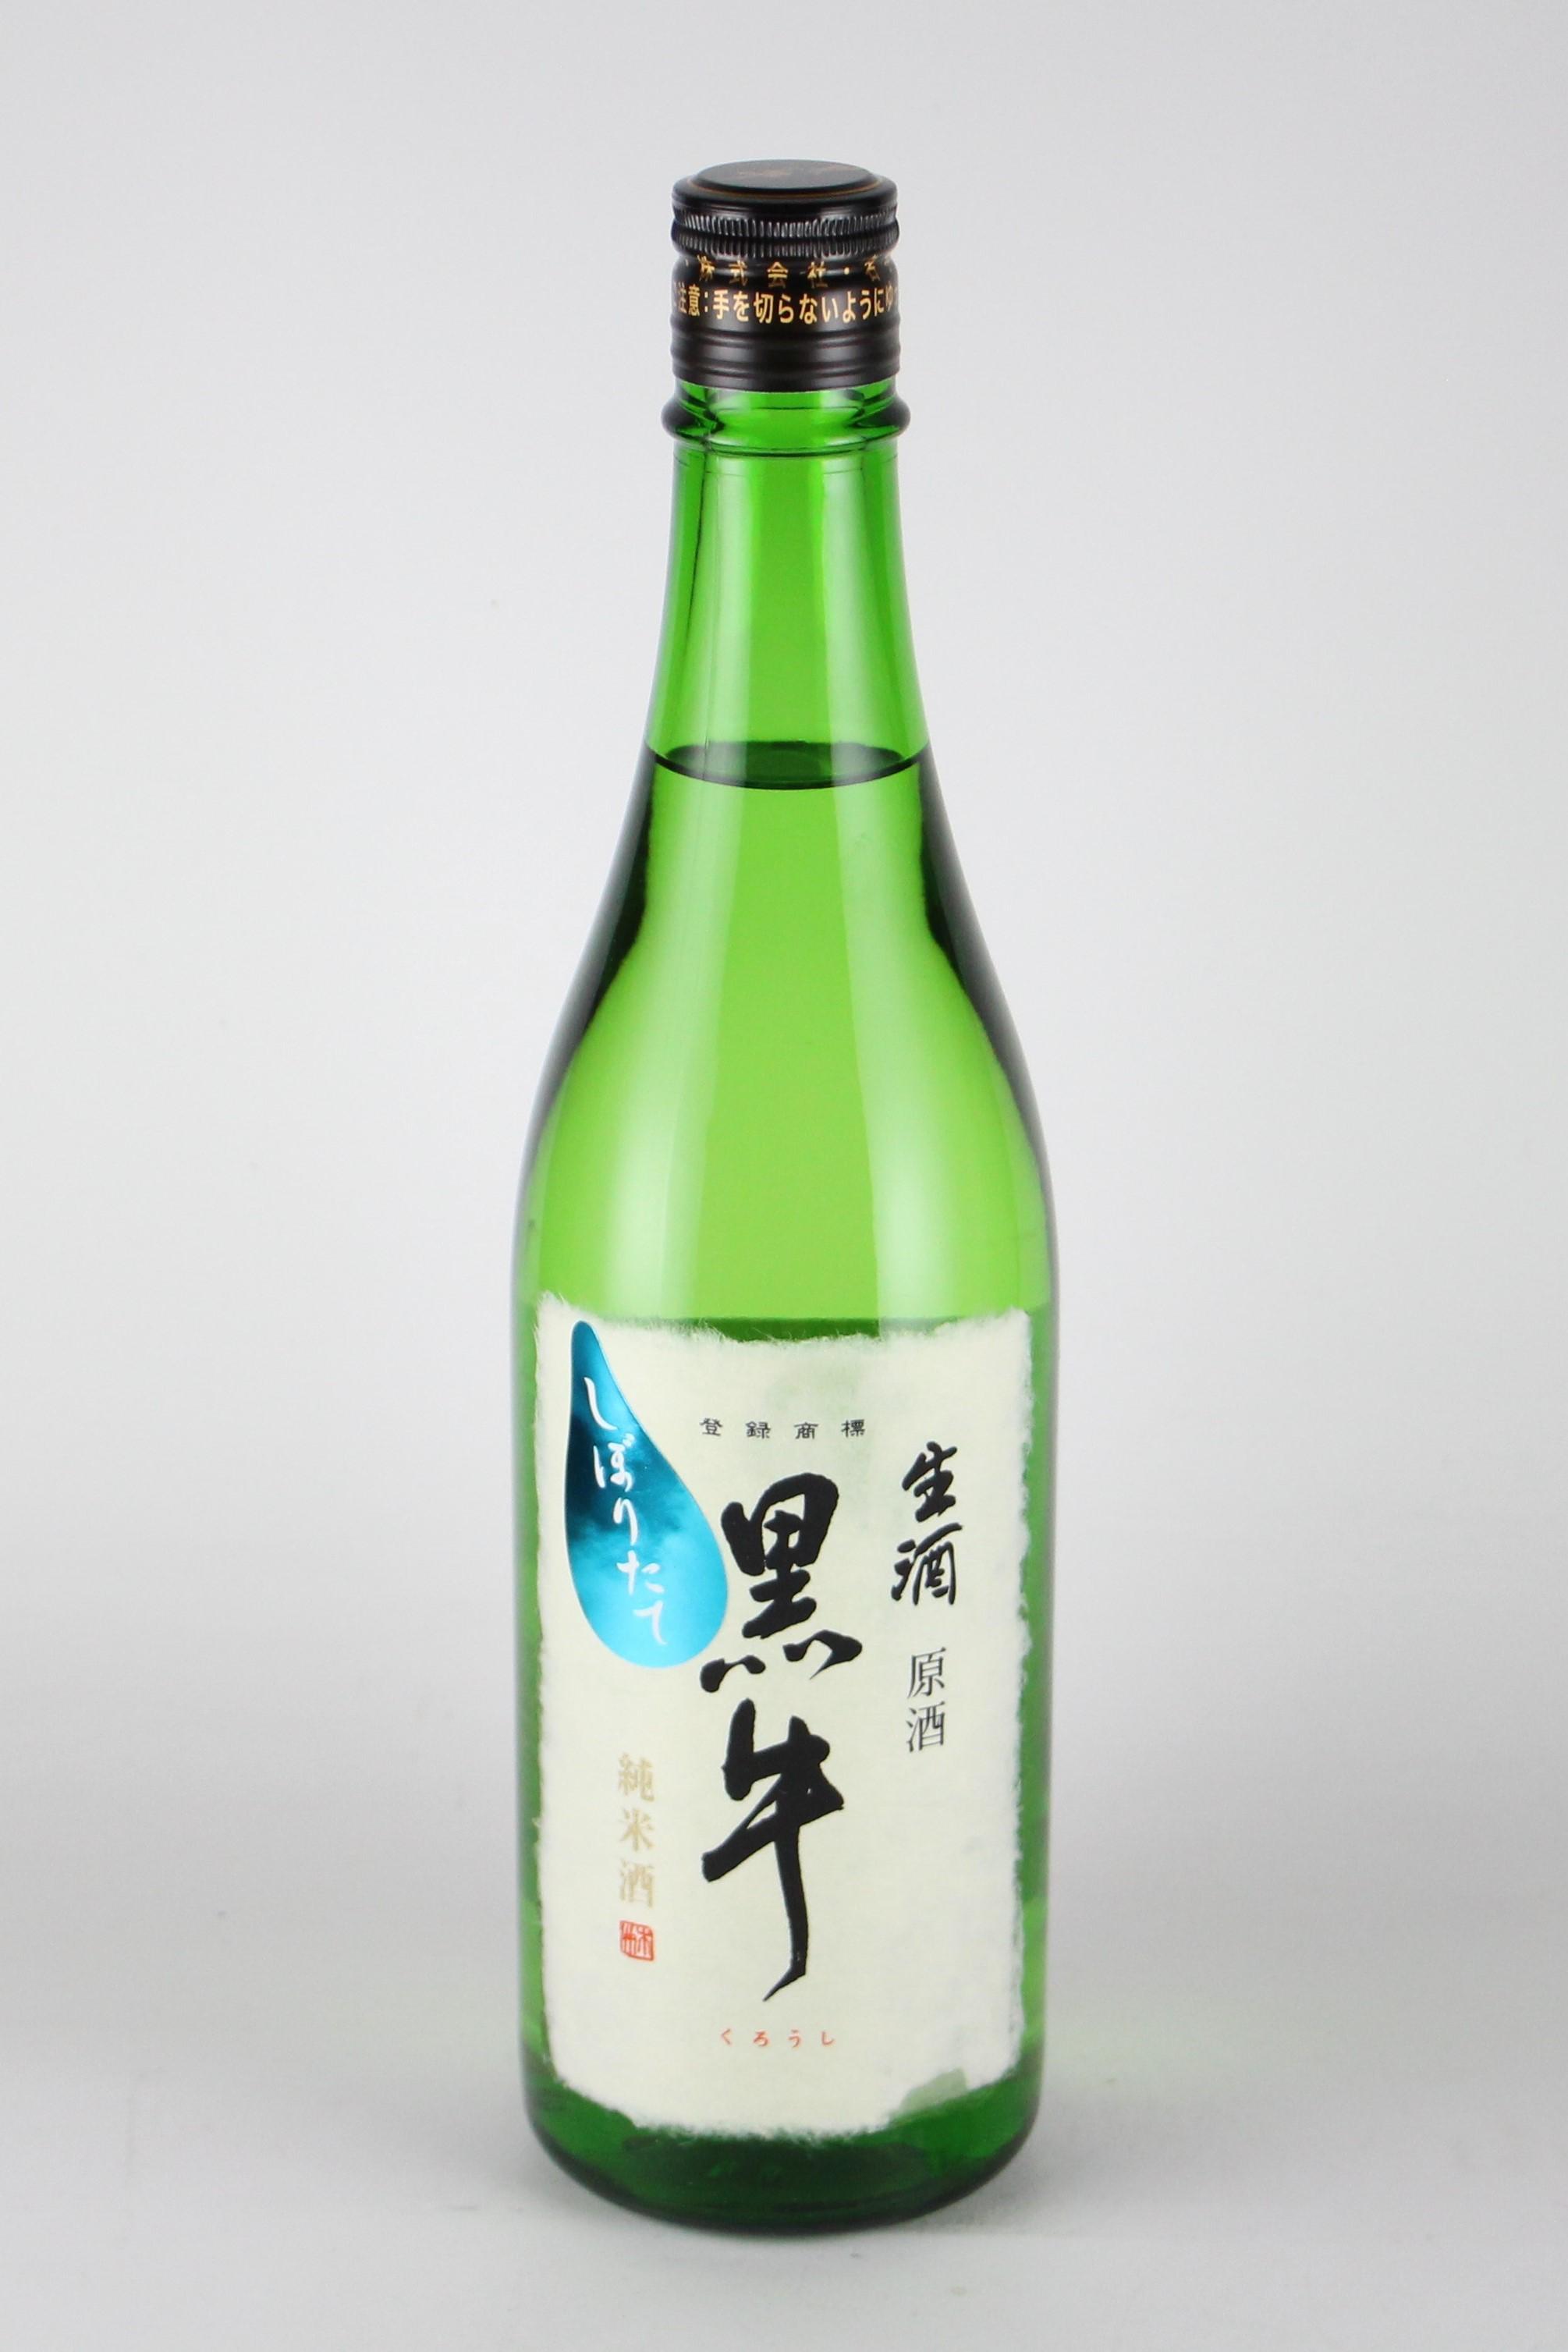 黒牛 しぼりたて 純米無濾過生原酒 720ml 【和歌山/名手酒造店】